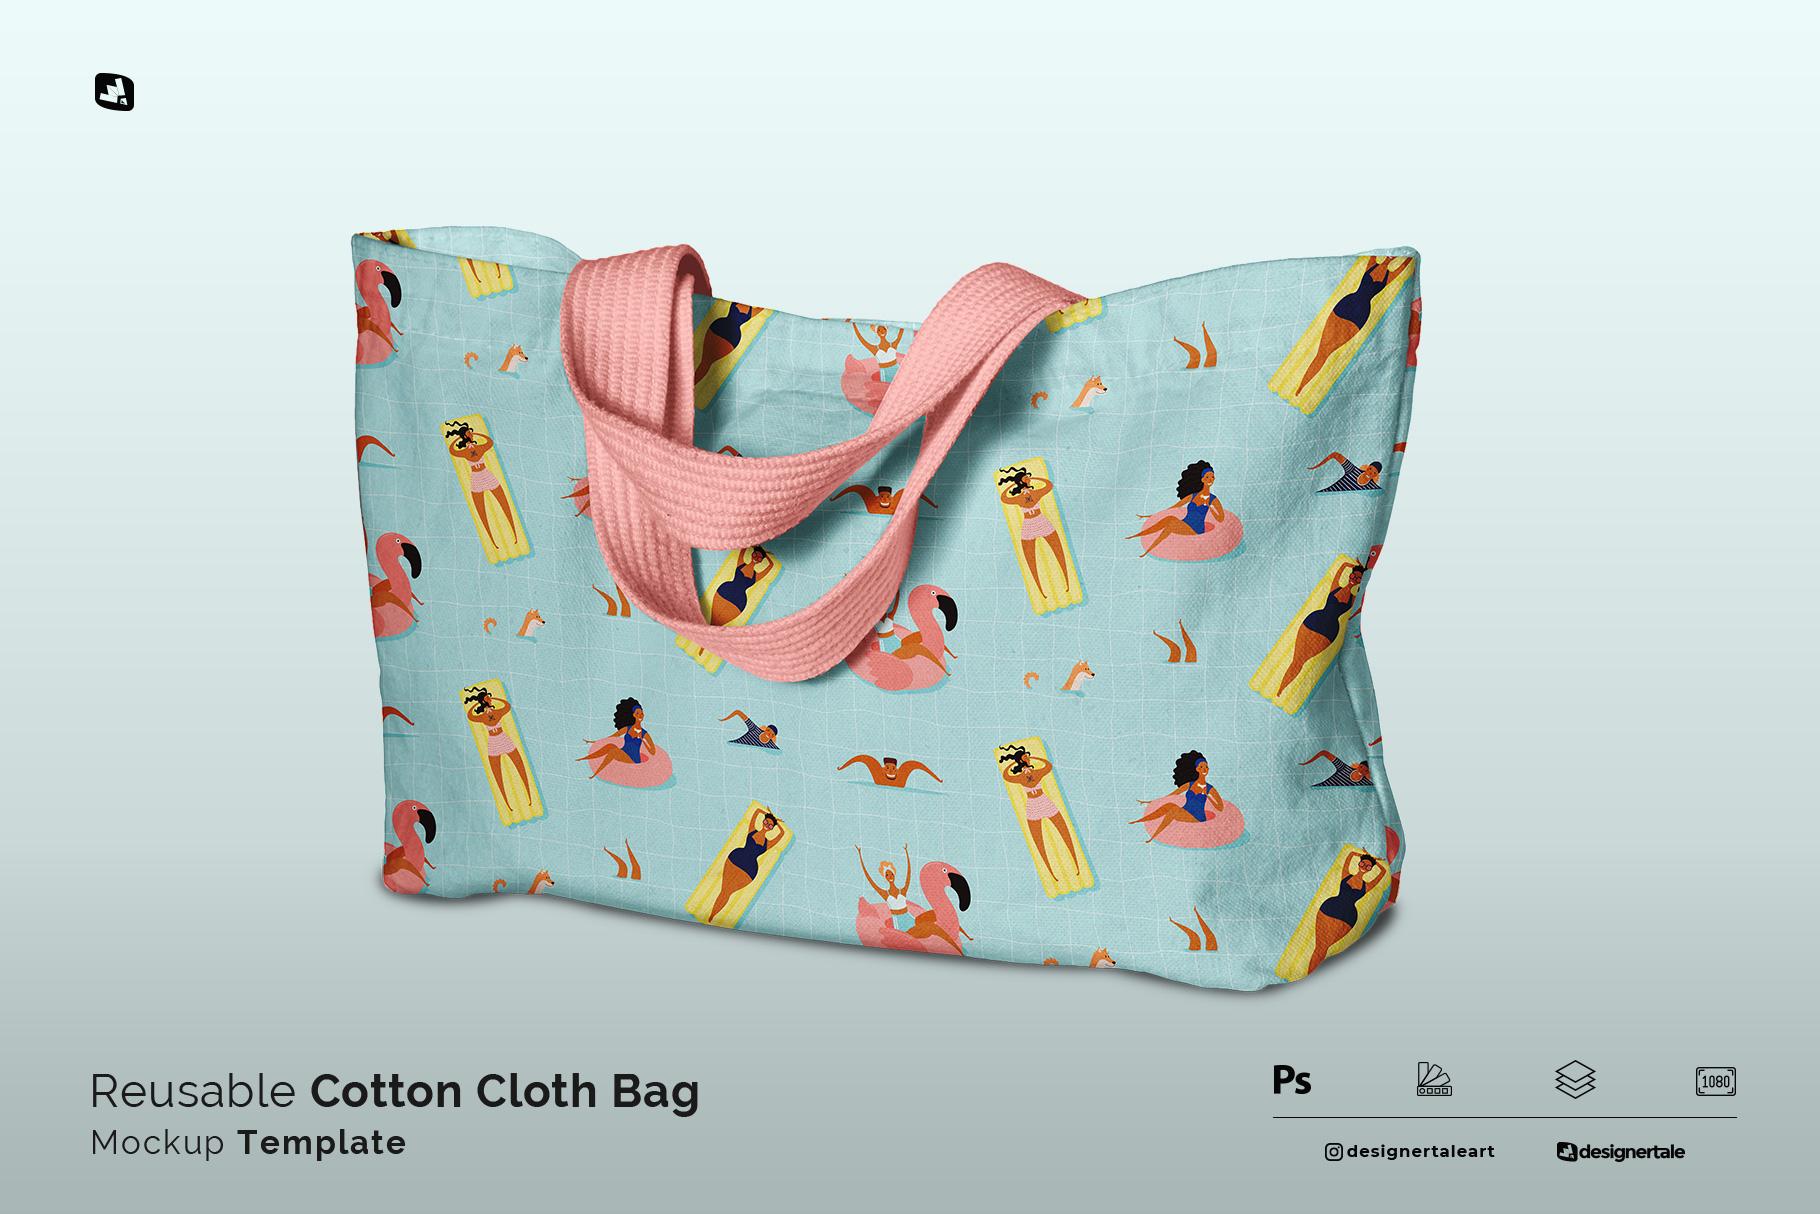 reusable cotton cloth bag mockup